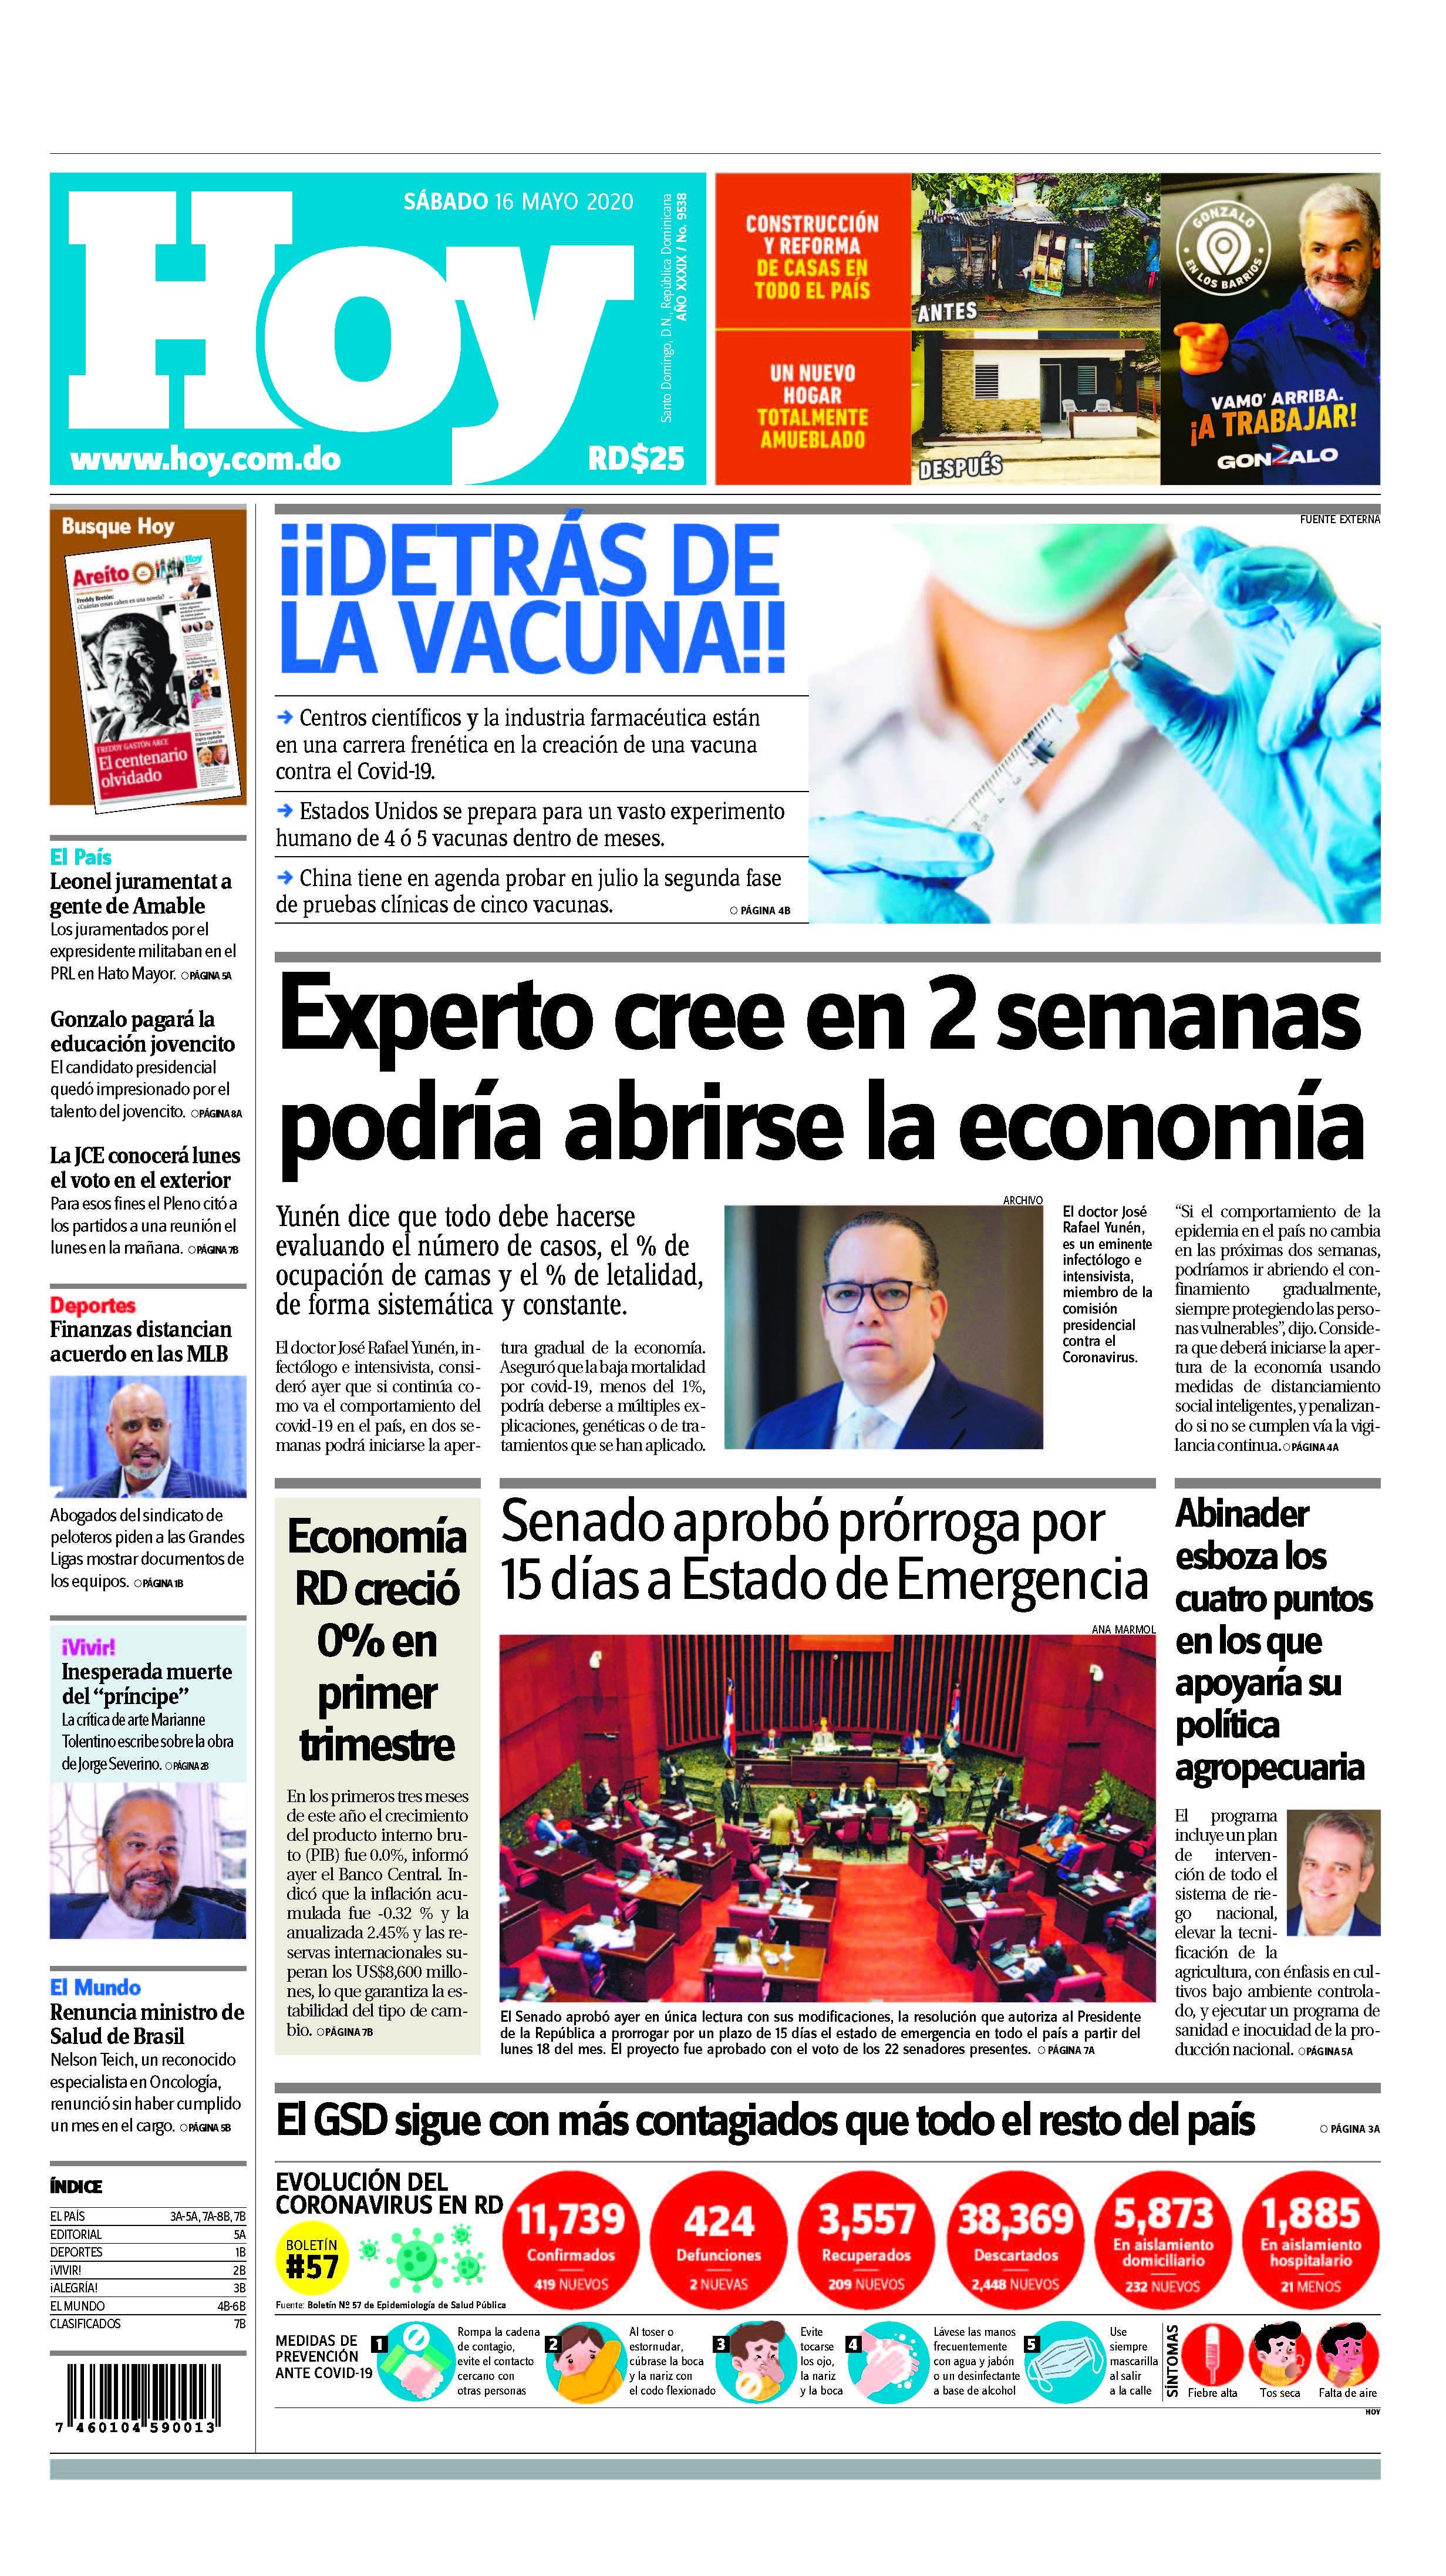 Edición impresa, HOY, sábado 16 de mayo, 2020